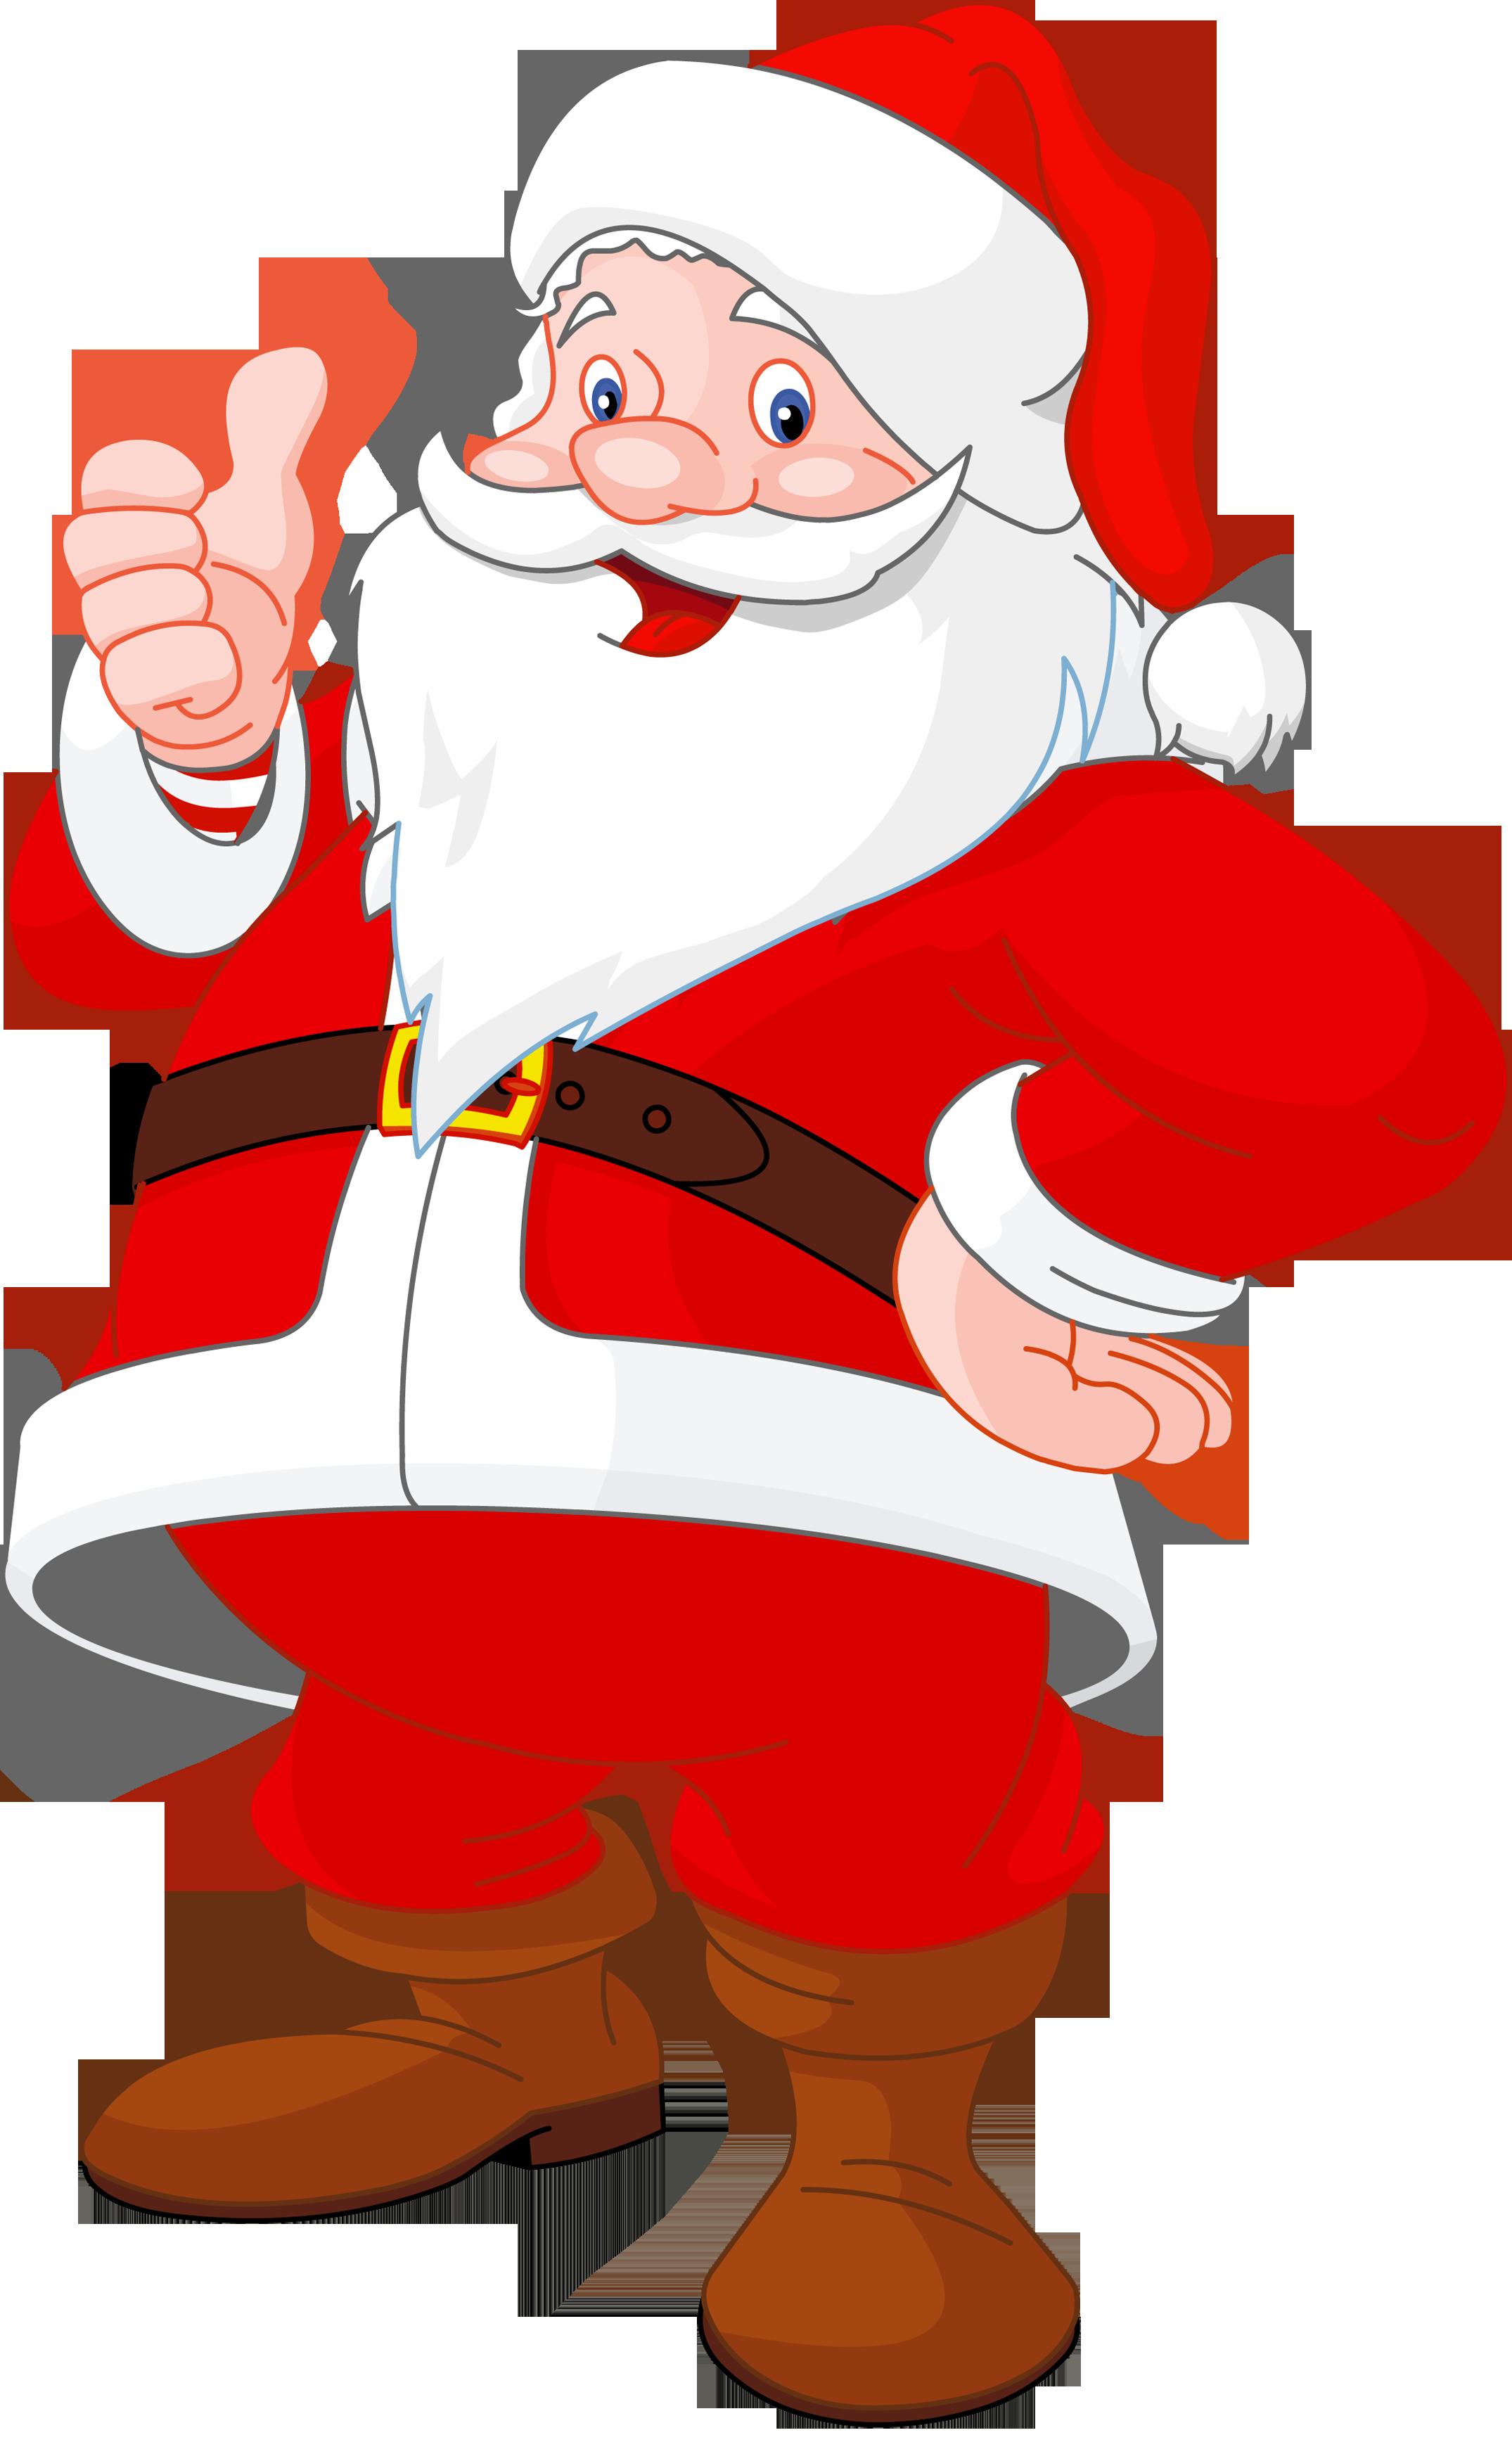 Father Xmas Cartoon Pics : father, cartoon, Santa, Claus, Comic, Vector,, Images,, Drawing